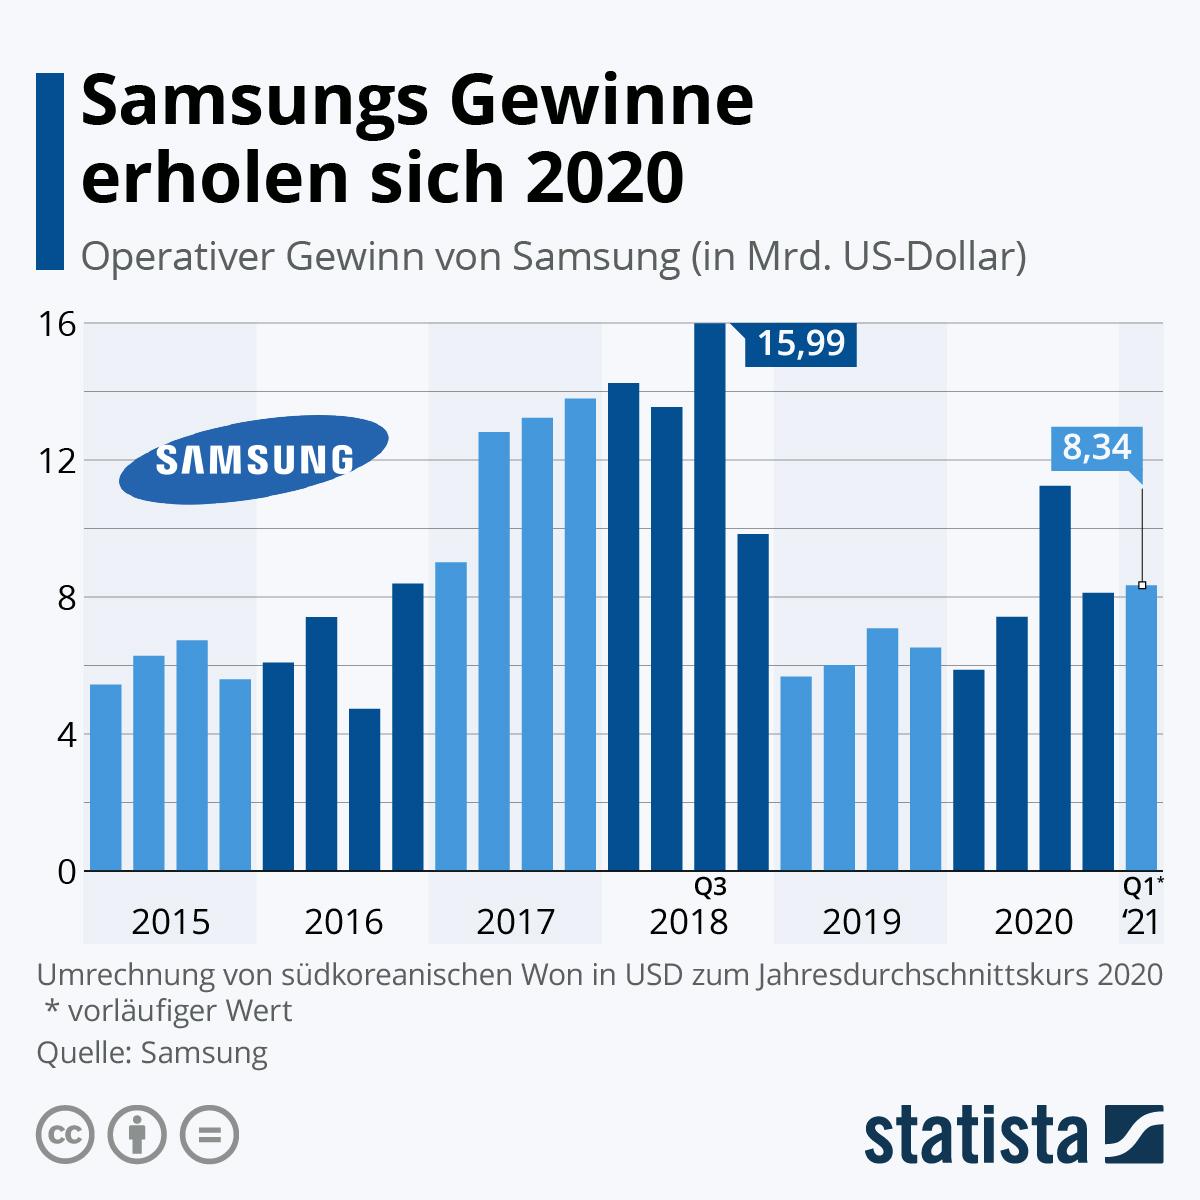 Infografik: Samsungs Gewinne erholen sich 2020 | Statista